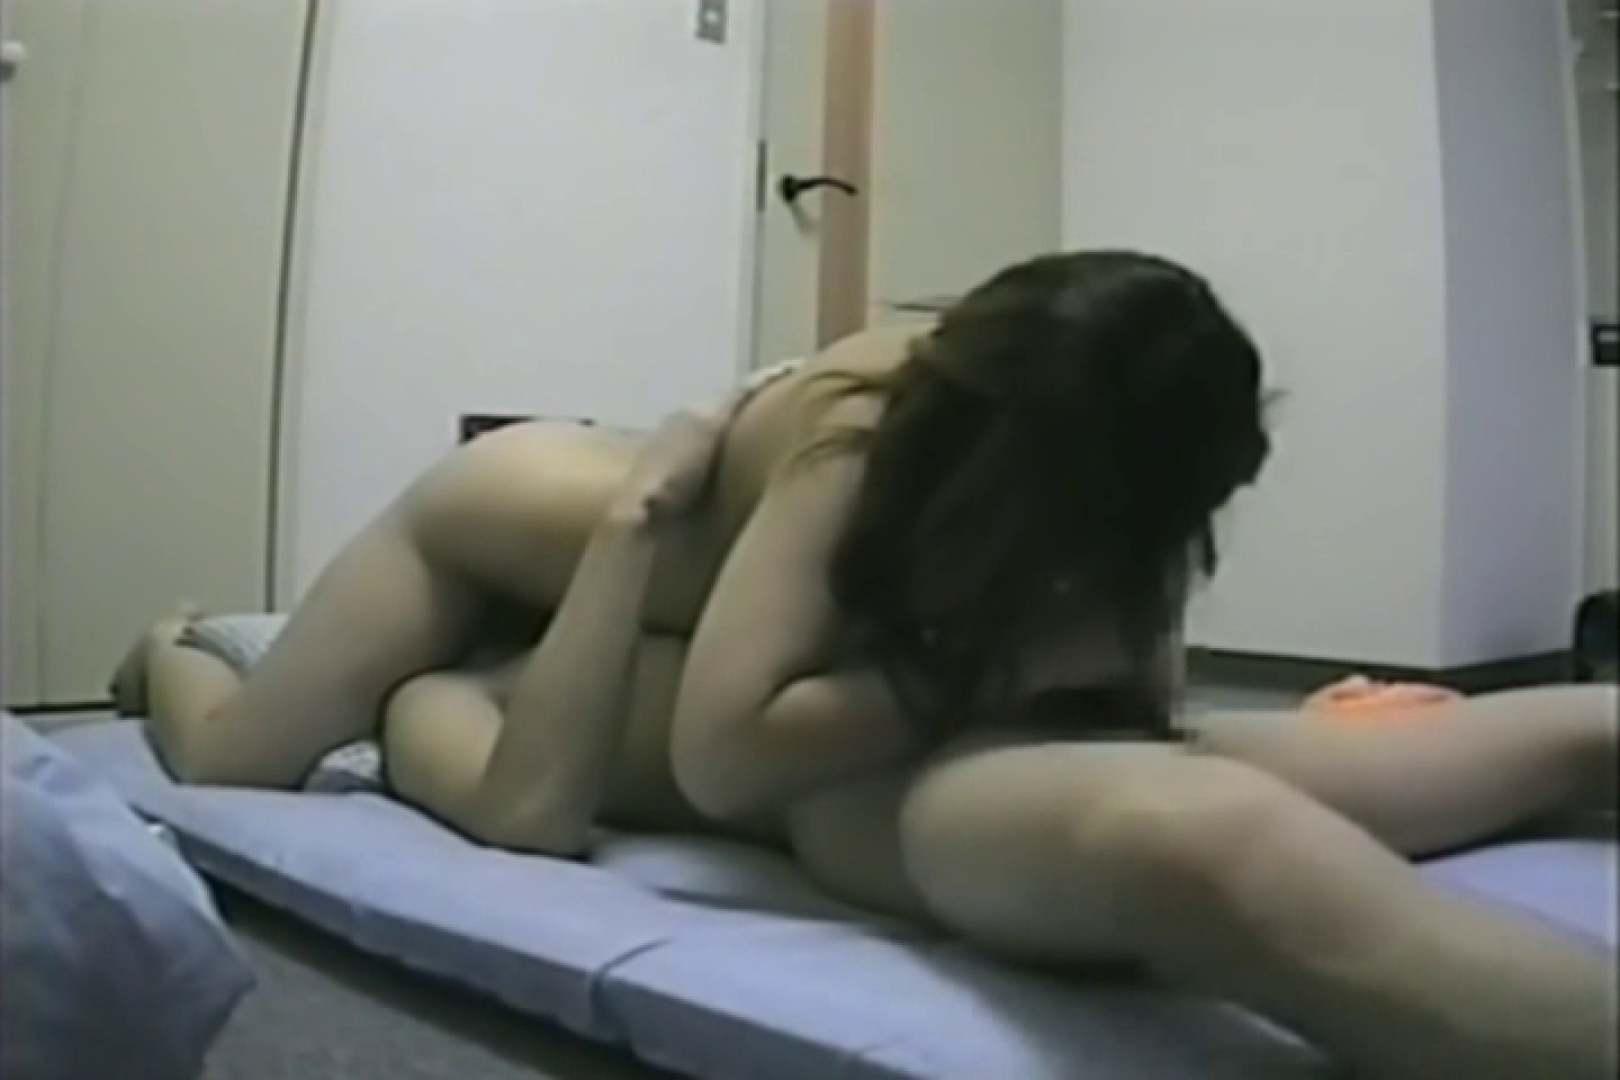 奮闘 デリヘル盗撮 1 企画   盗撮  45pic 27